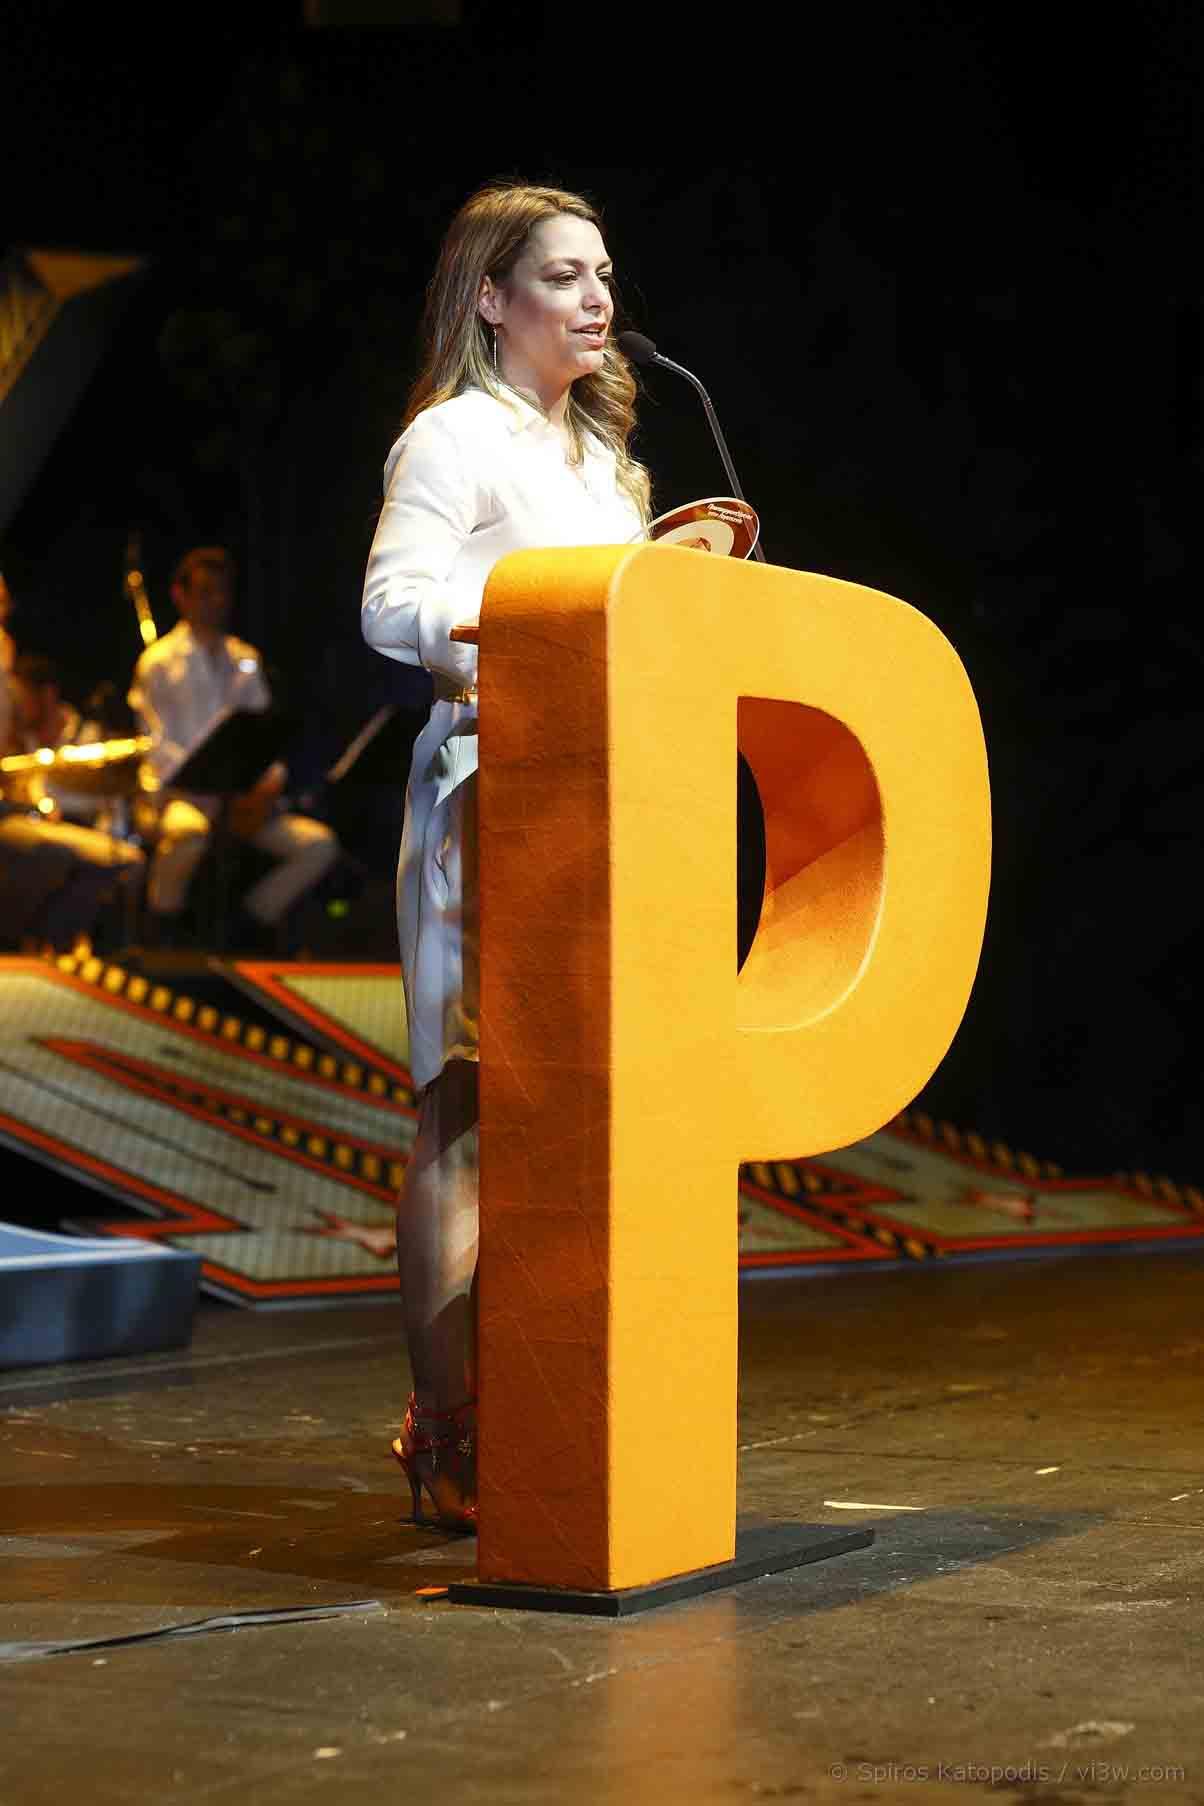 Η Φραντζέσκα Μάνγγελ, νικήτρια στην κατηγορία Πεζογραφία από πρωτοεμφανιζόμενο συγγραφέα